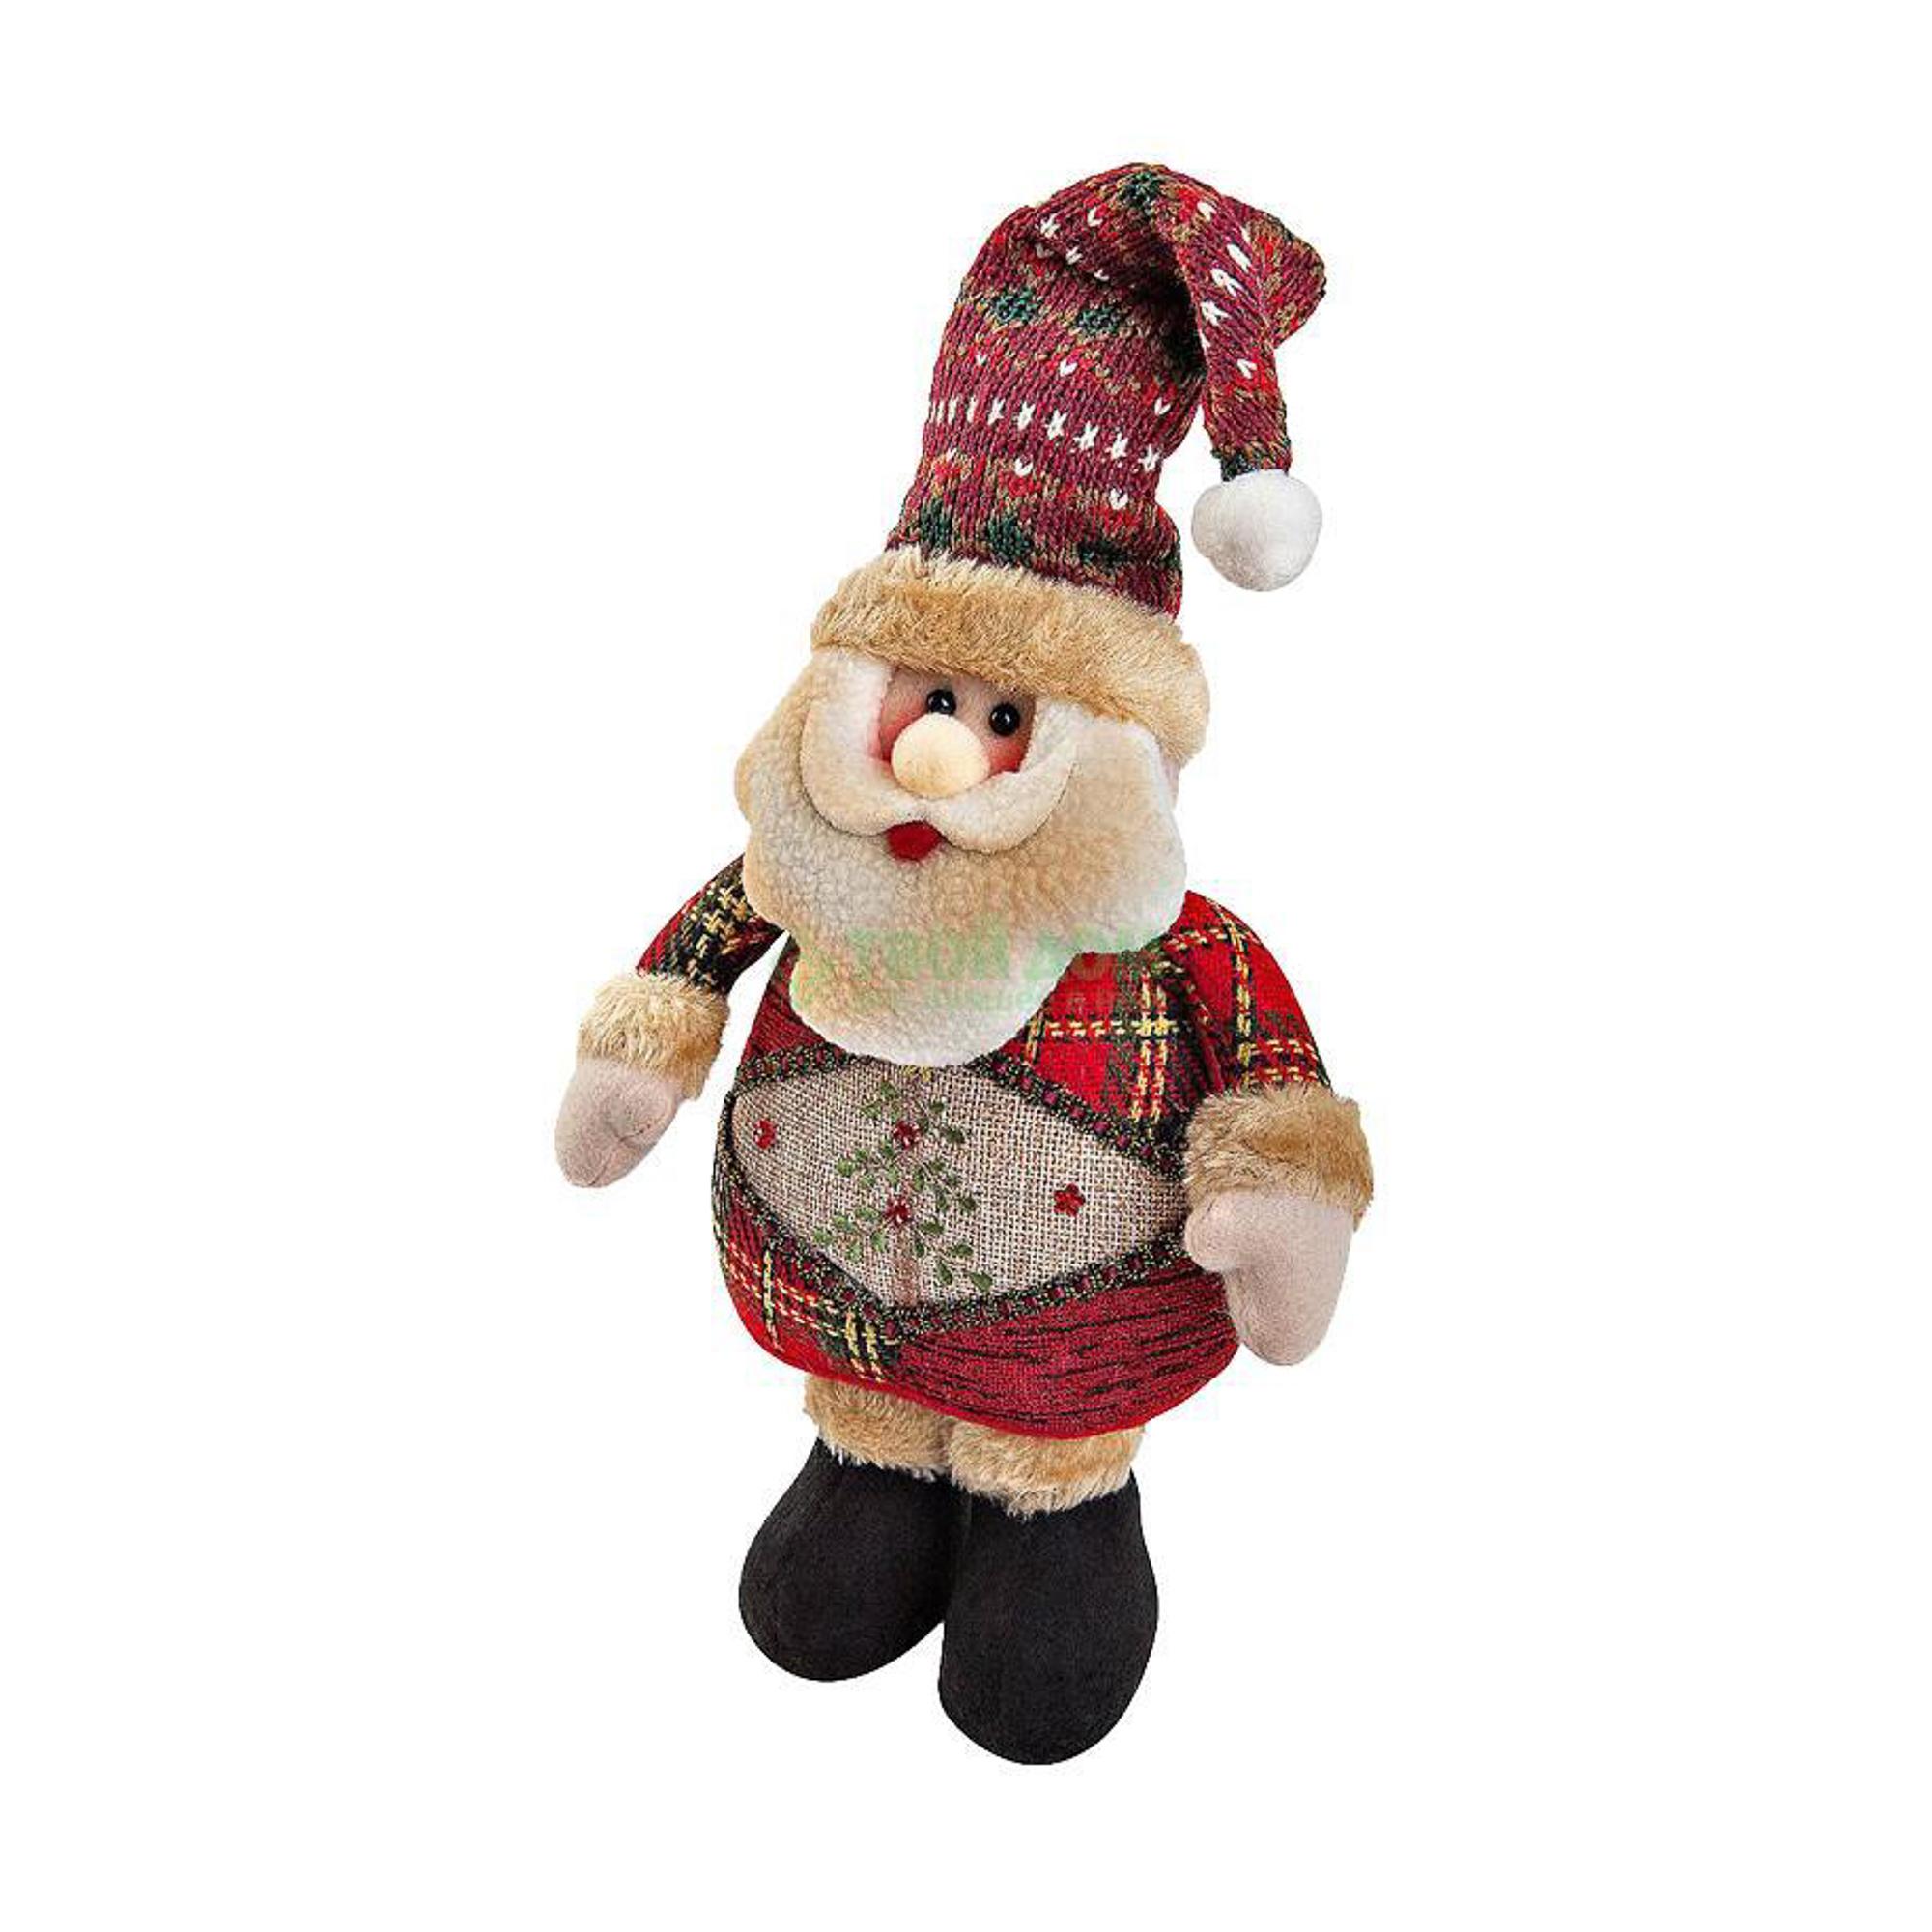 Купить Мягкая игрушка Mister Christmas ДЕД МОРОЗ H=28СМ (CHL-500SN), Китай, коричневый, красный, текстиль